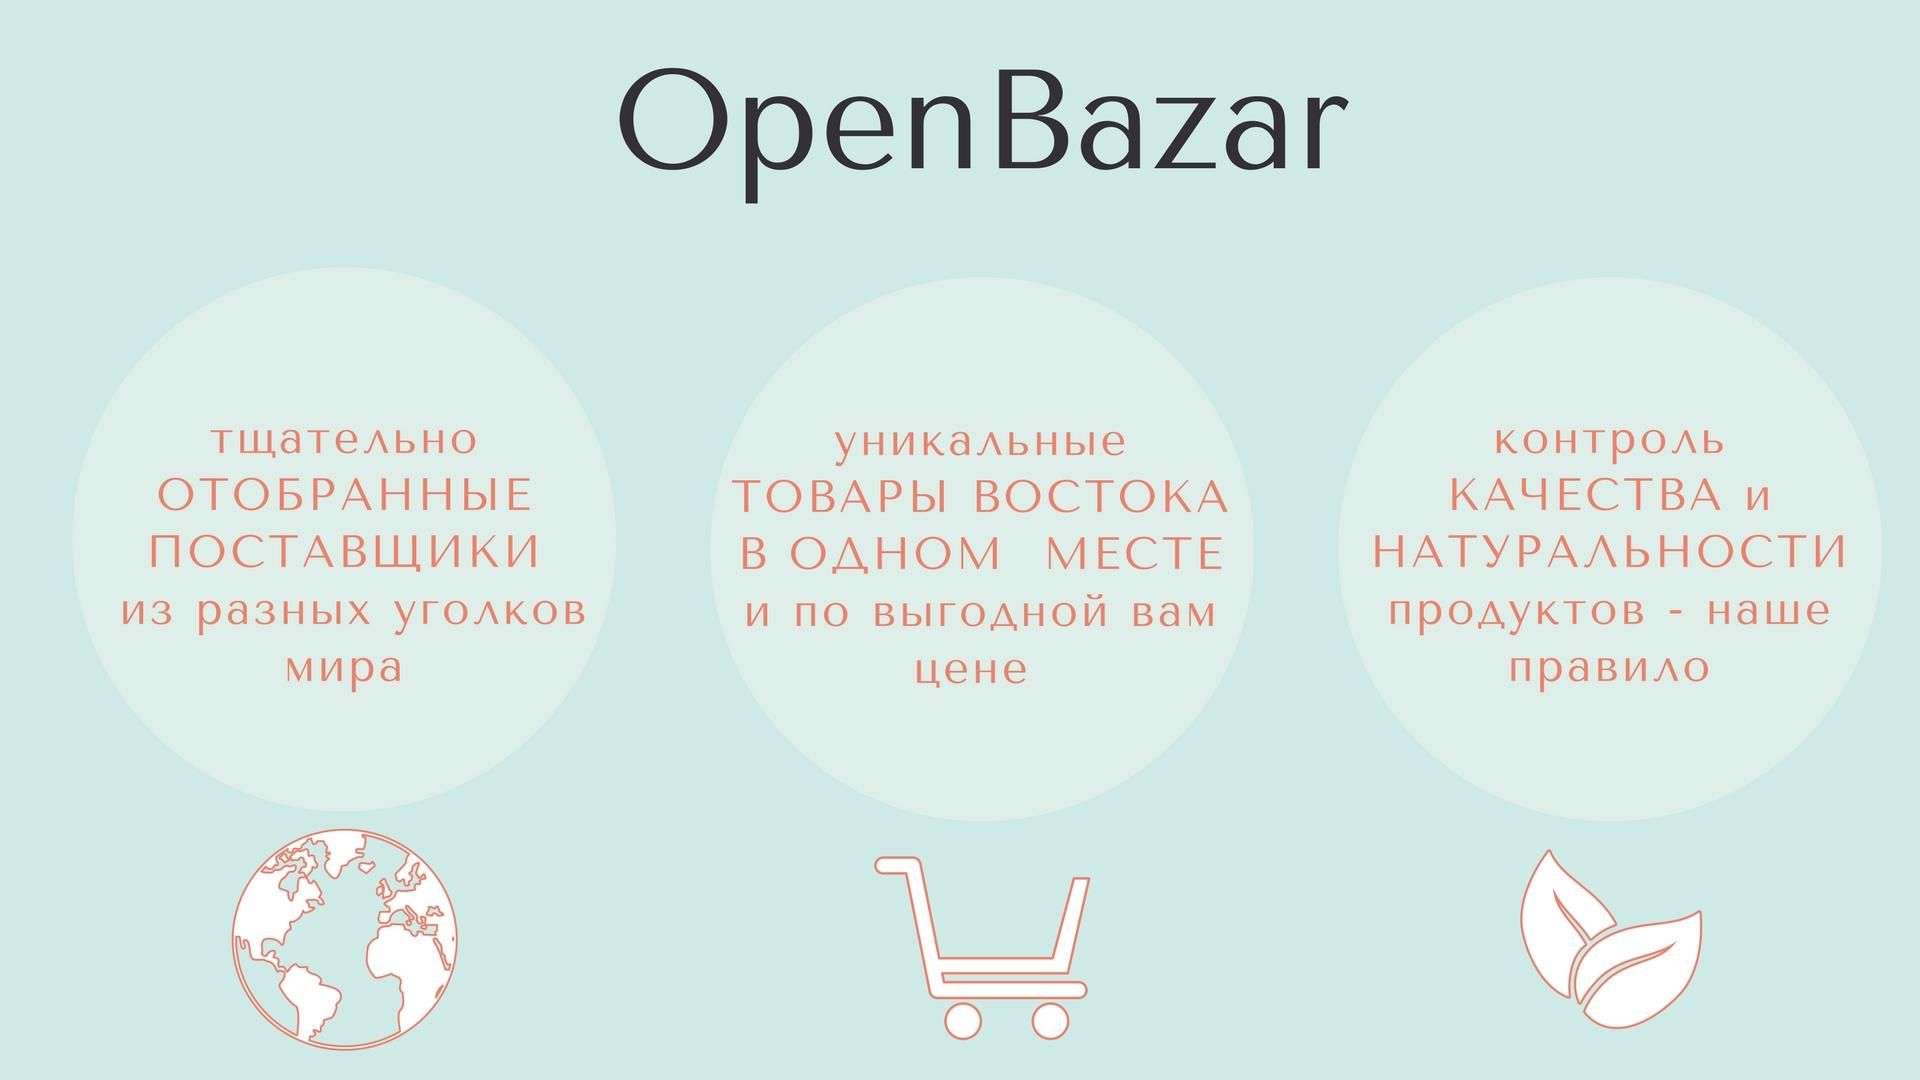 Преимущества интернет-магазина OpenBazar.ru